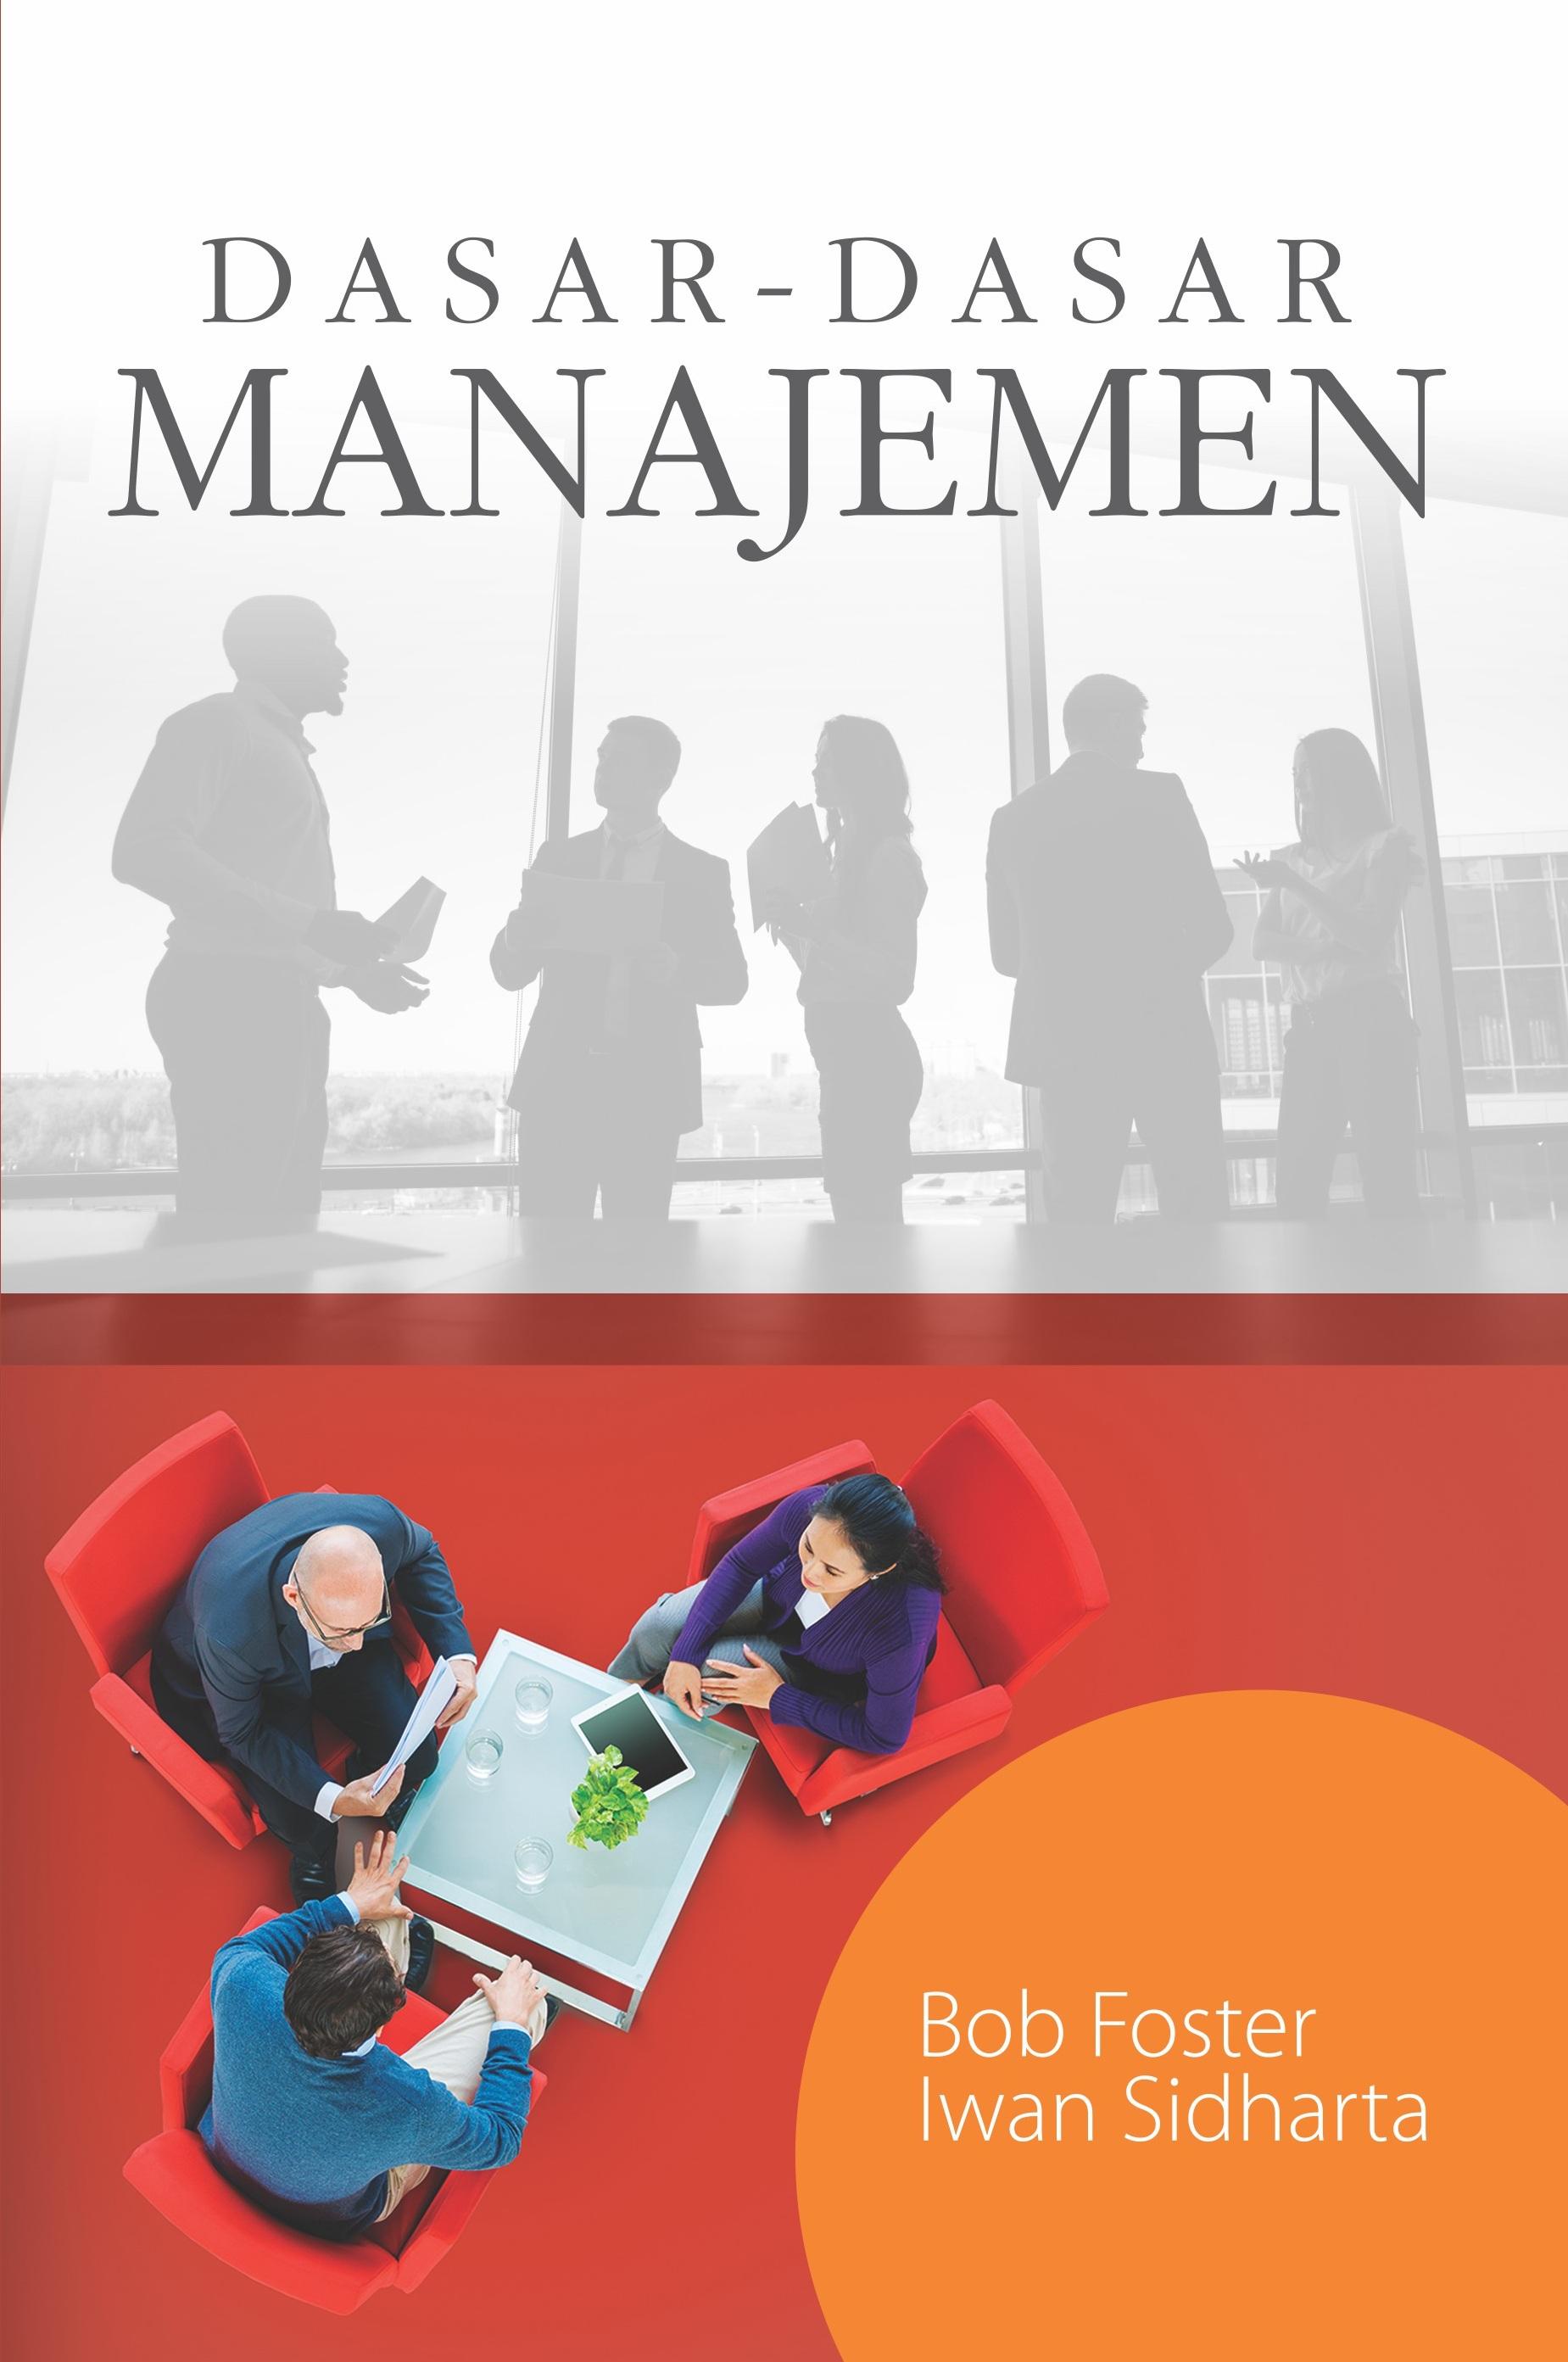 Dasar-dasar manajemen  [sumber elektronis]